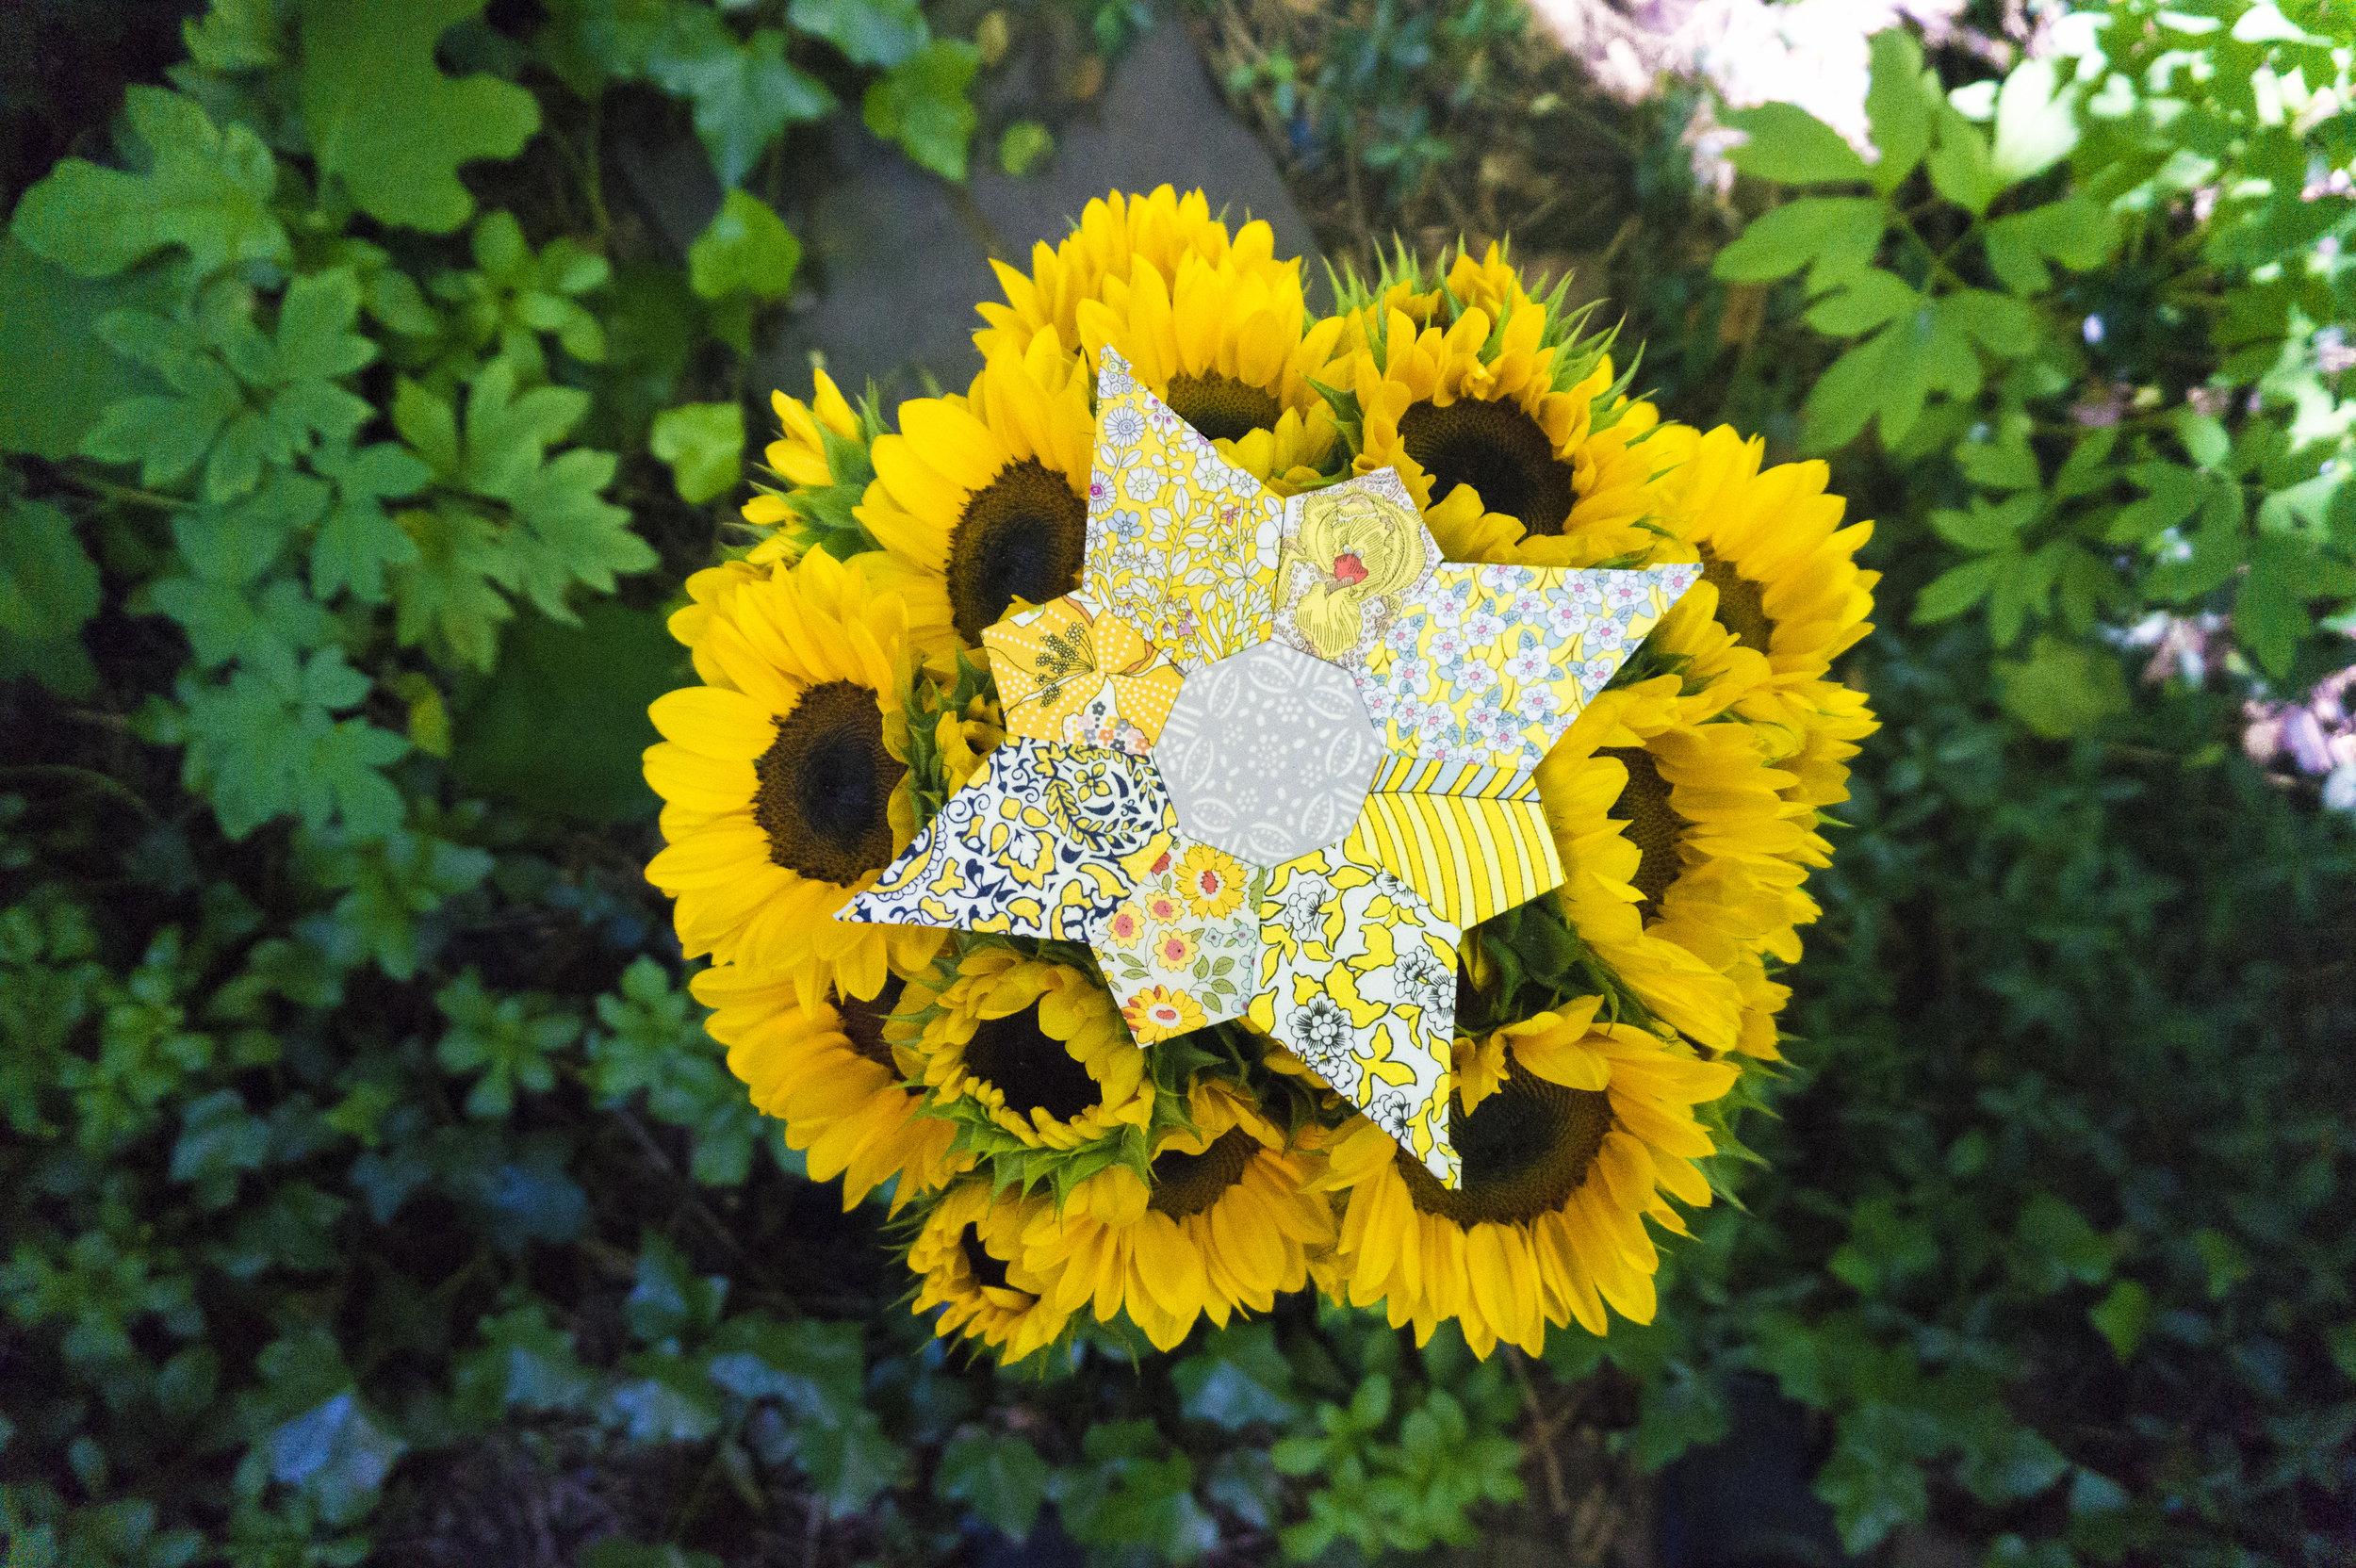 sunflower mischief.jpg